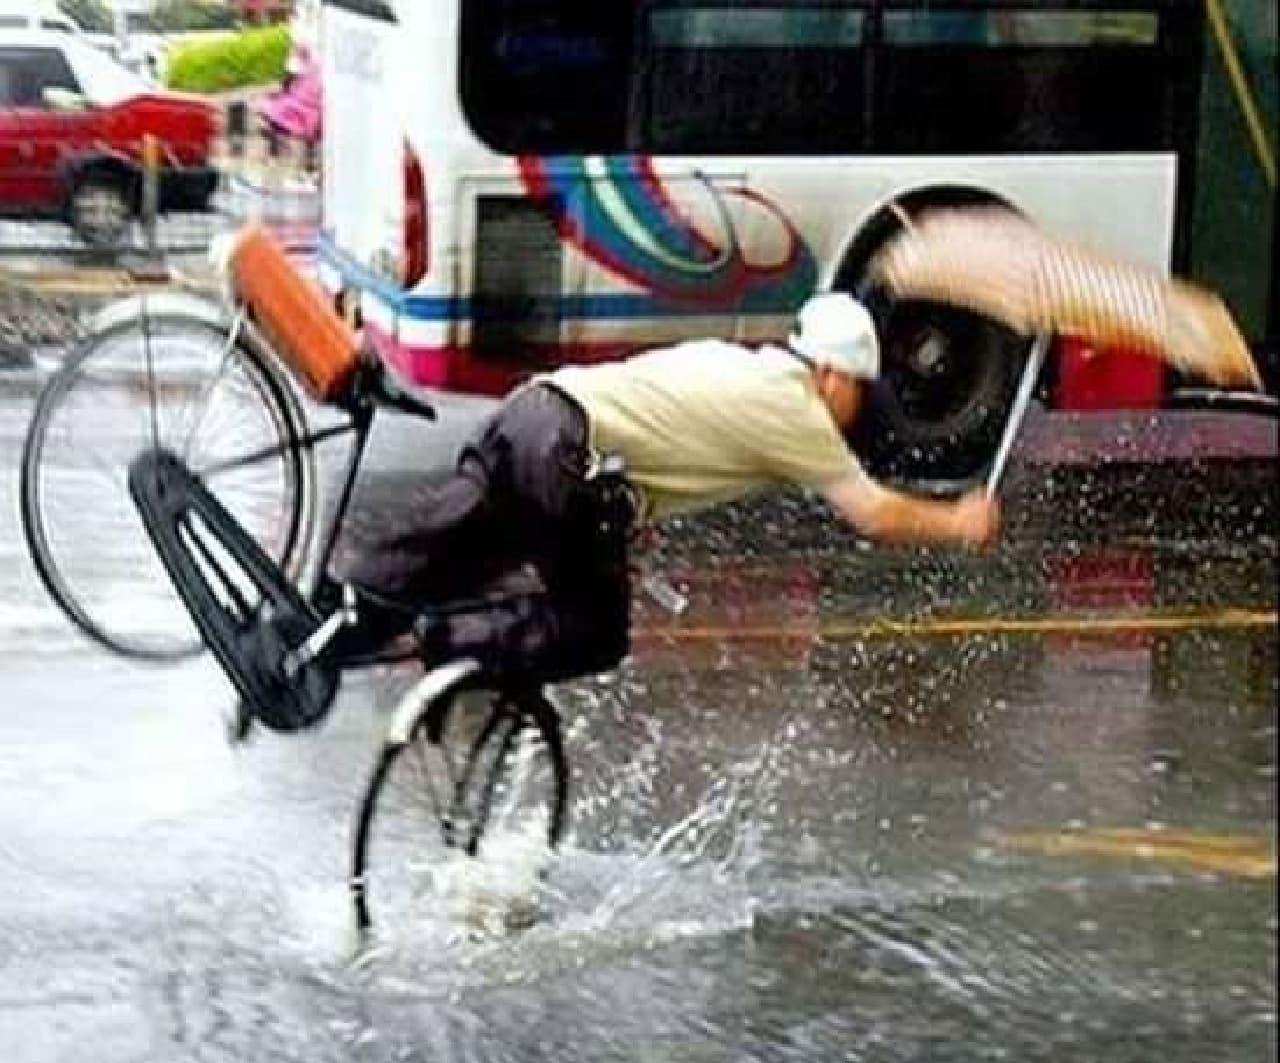 歩行時用の傘を自転車乗車時に利用した例